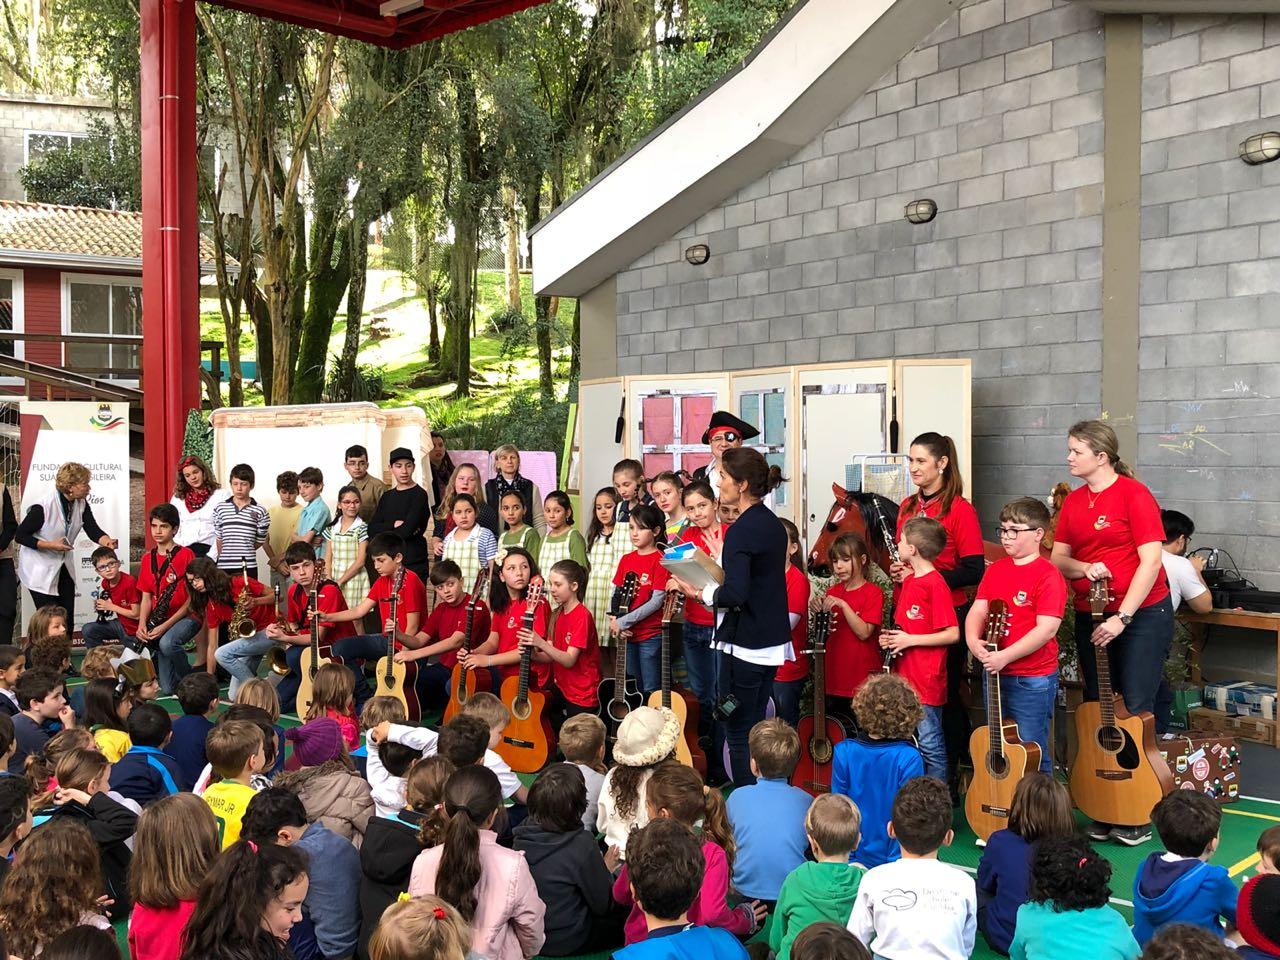 Integrantes da Fundação apresentam a peça Pippi Meialonga na Deutsche Schule Curitiba - 28/06/2018Integrantes da Fundação apresentam a peça Pippi Meialonga na Deutsche Schule Curitiba - 28/06/2018